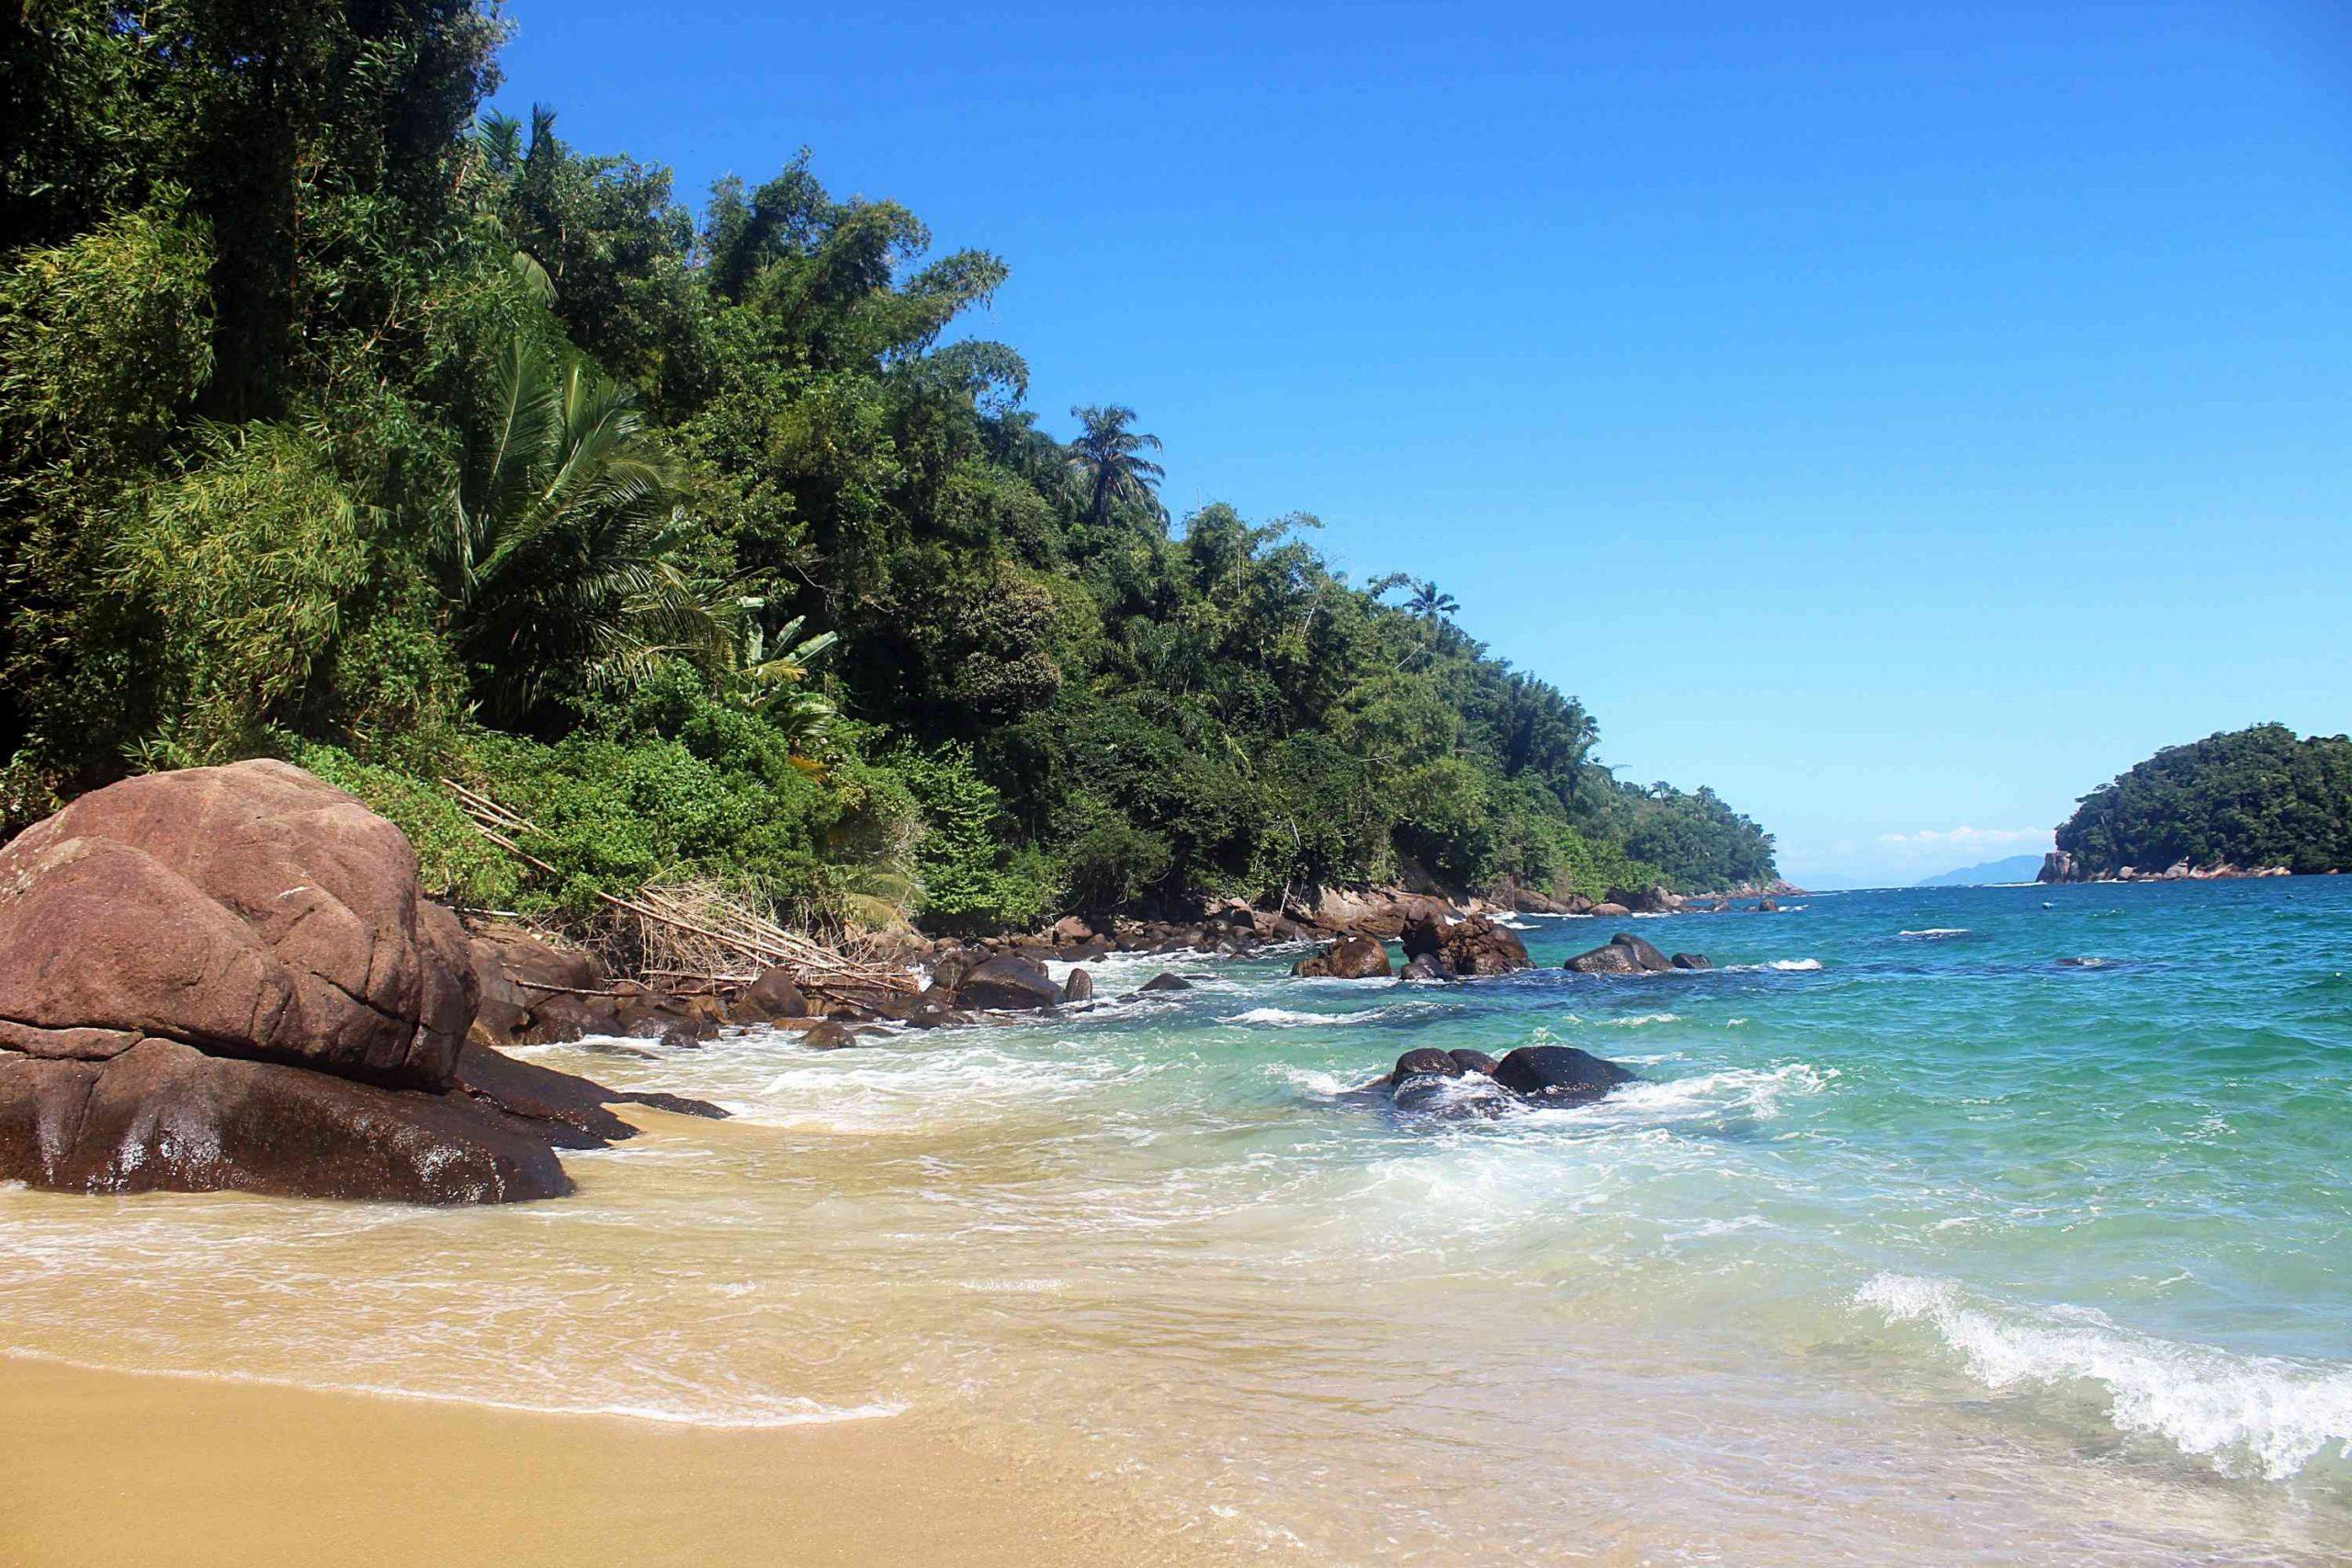 Sonhar com praia: significados, cuidados e mais!